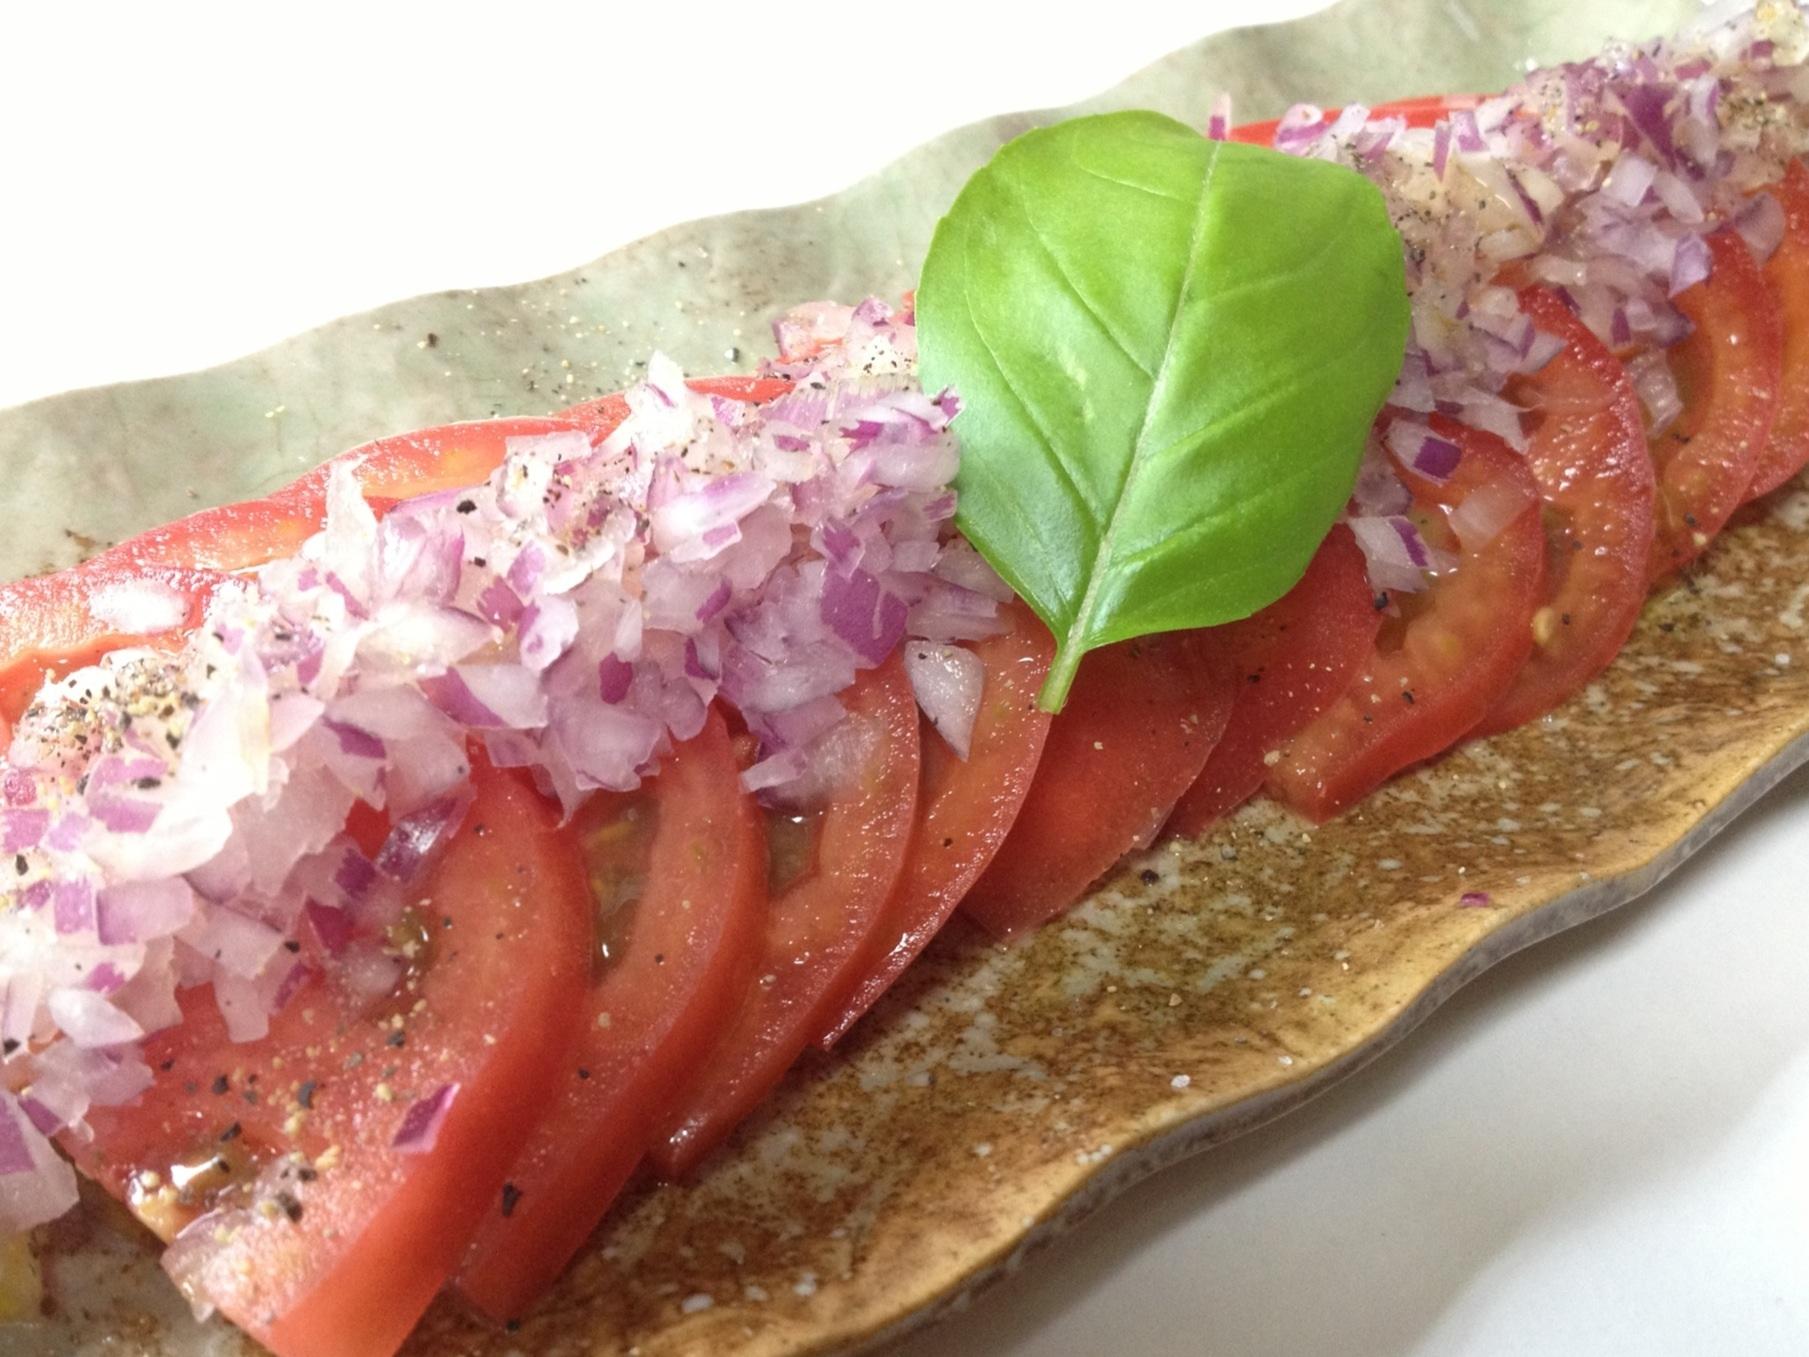 血液サラサラ!紫玉ねぎとトマトのさっぱりサラダ